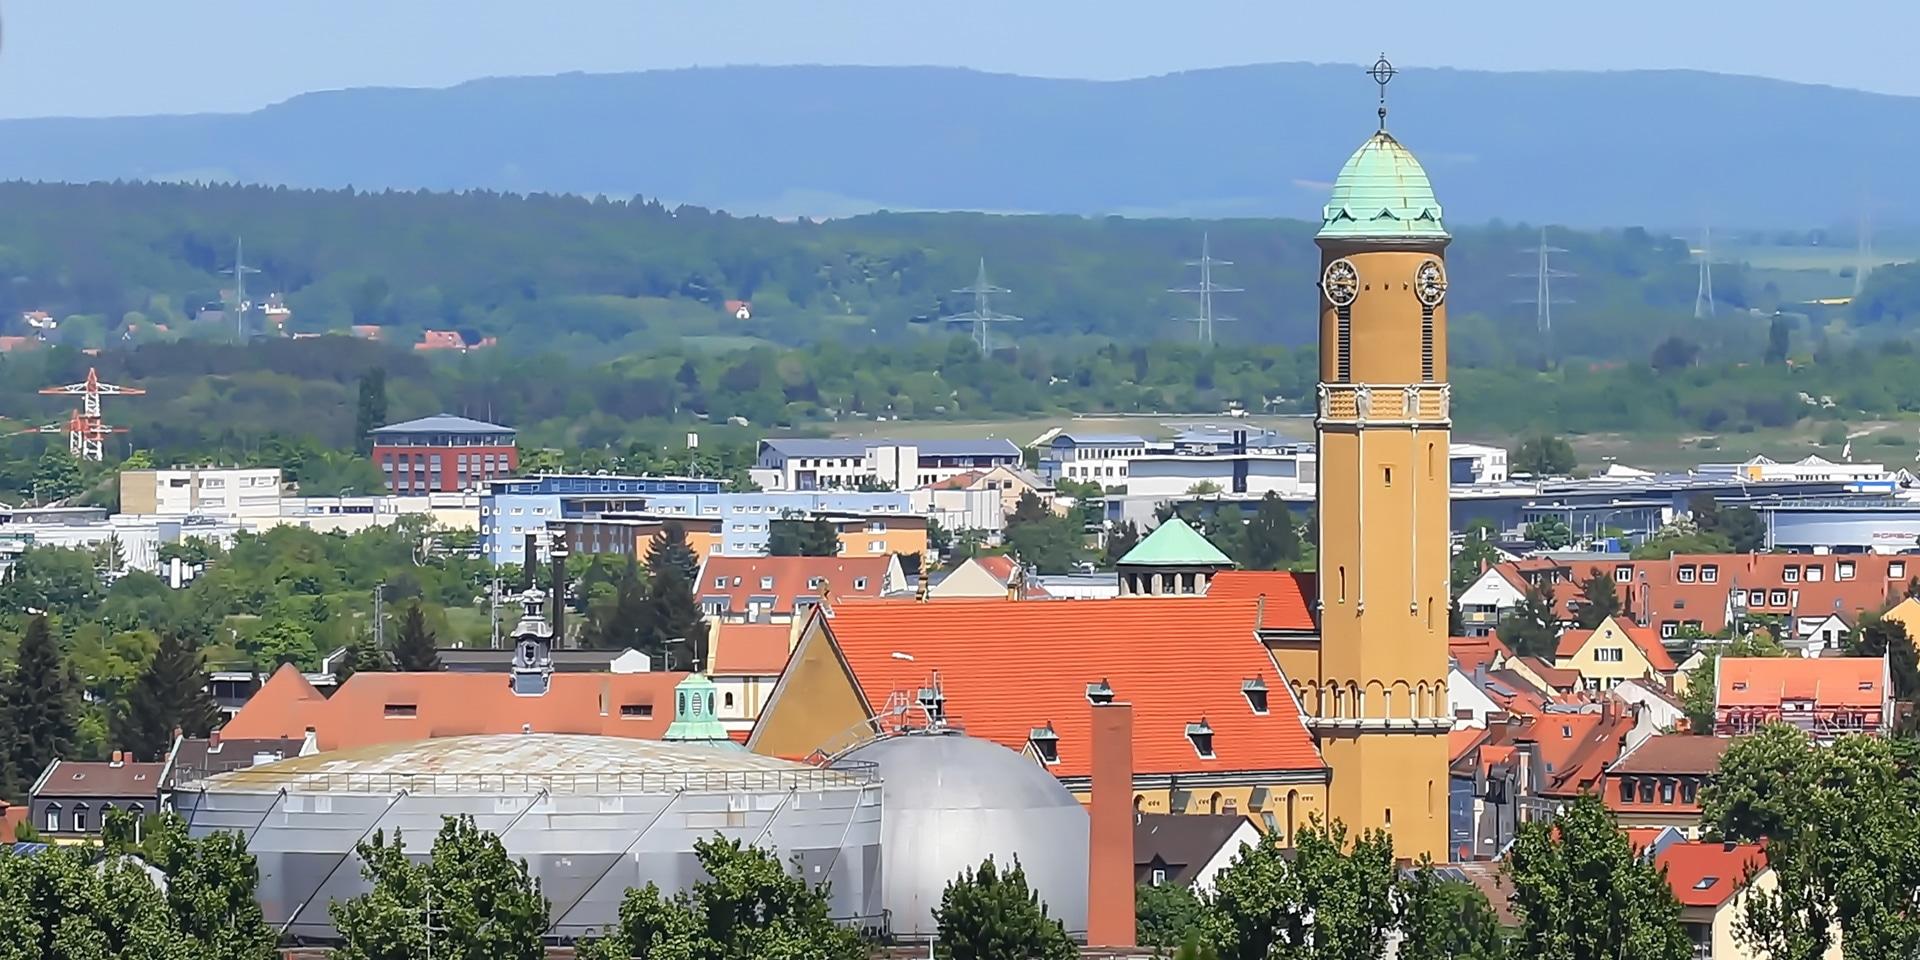 st otto bamberg - St. Otto